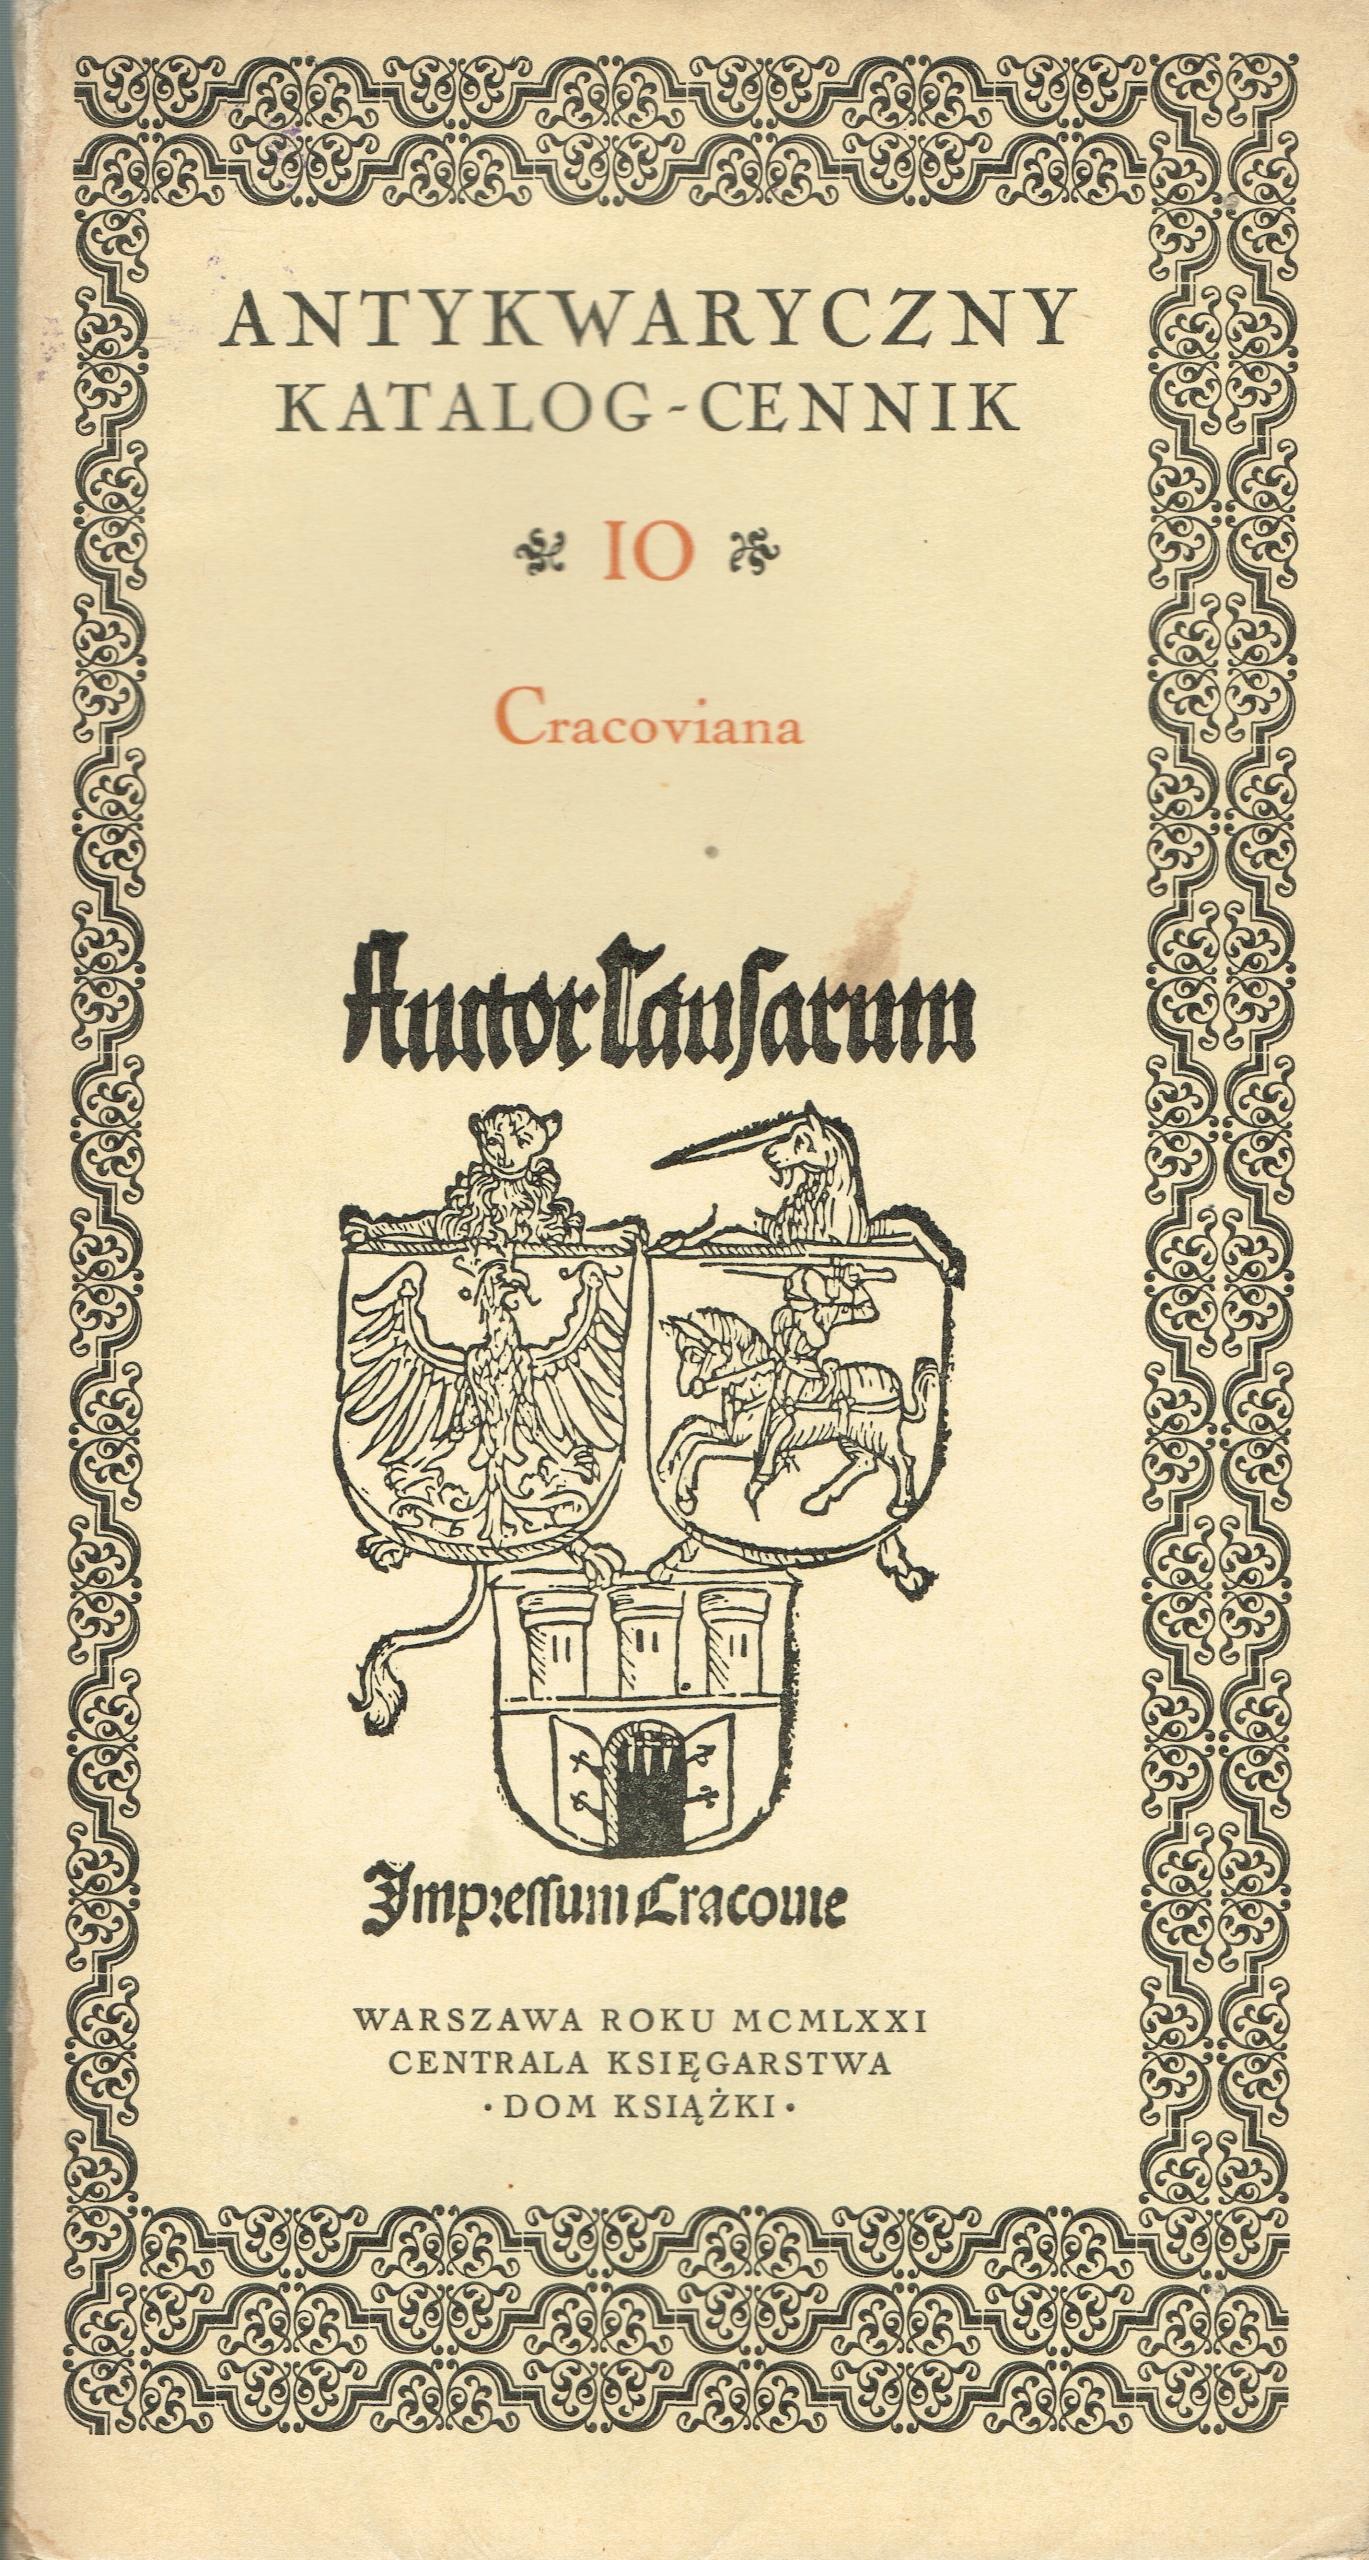 Прайс-лист антикварного каталога 10 Краковиана